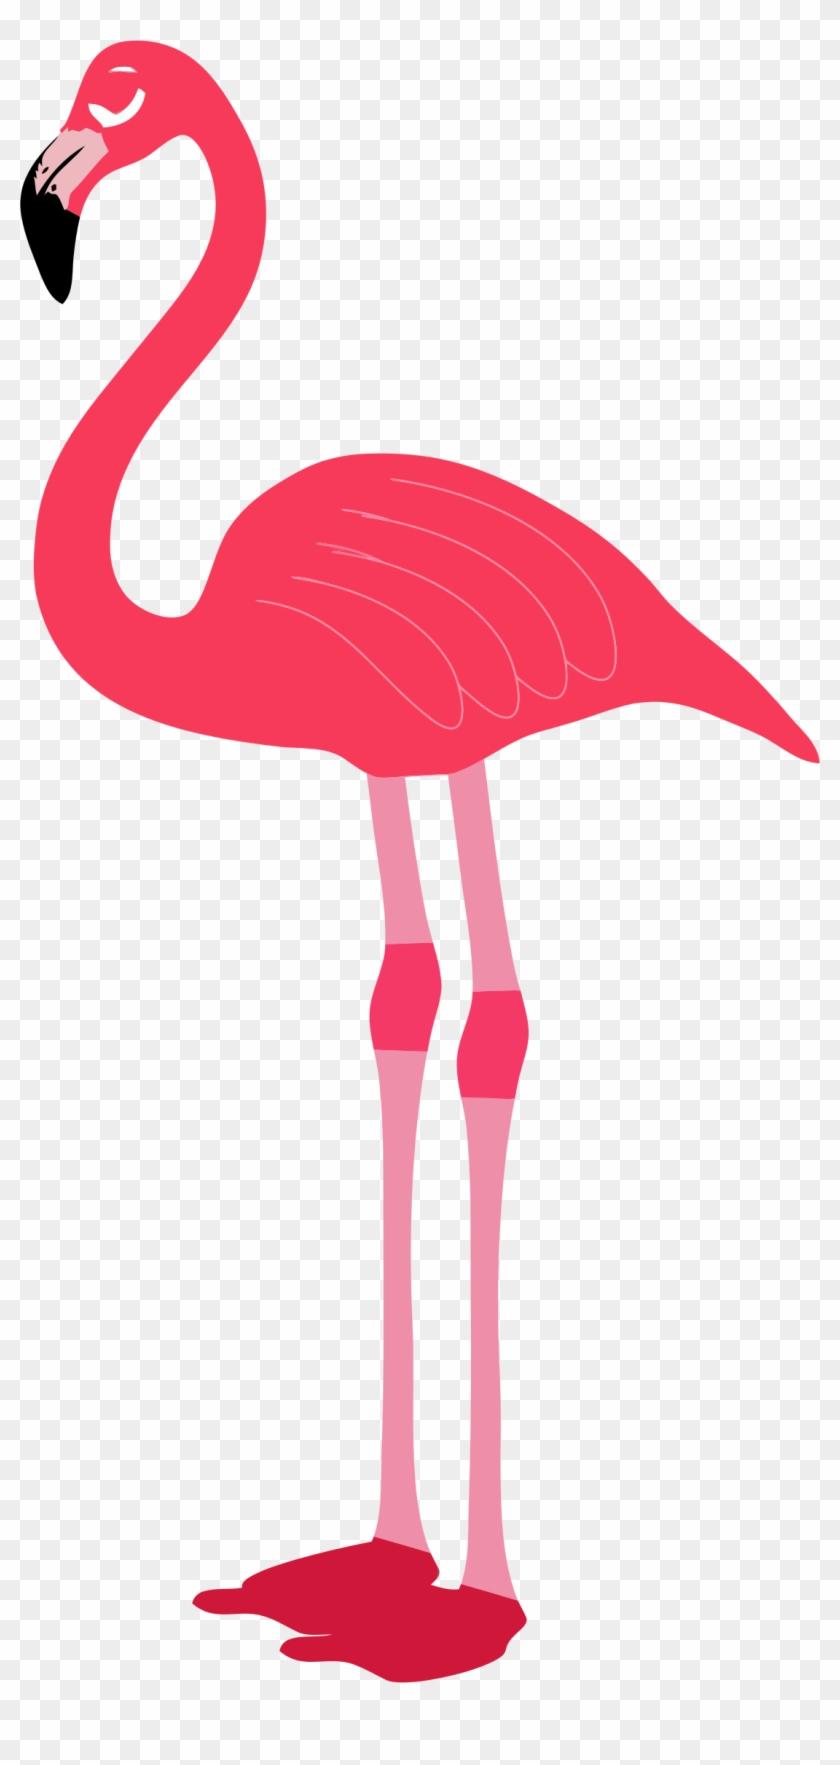 Flamingo Clip Art Free - Flamingo Transparent #11280